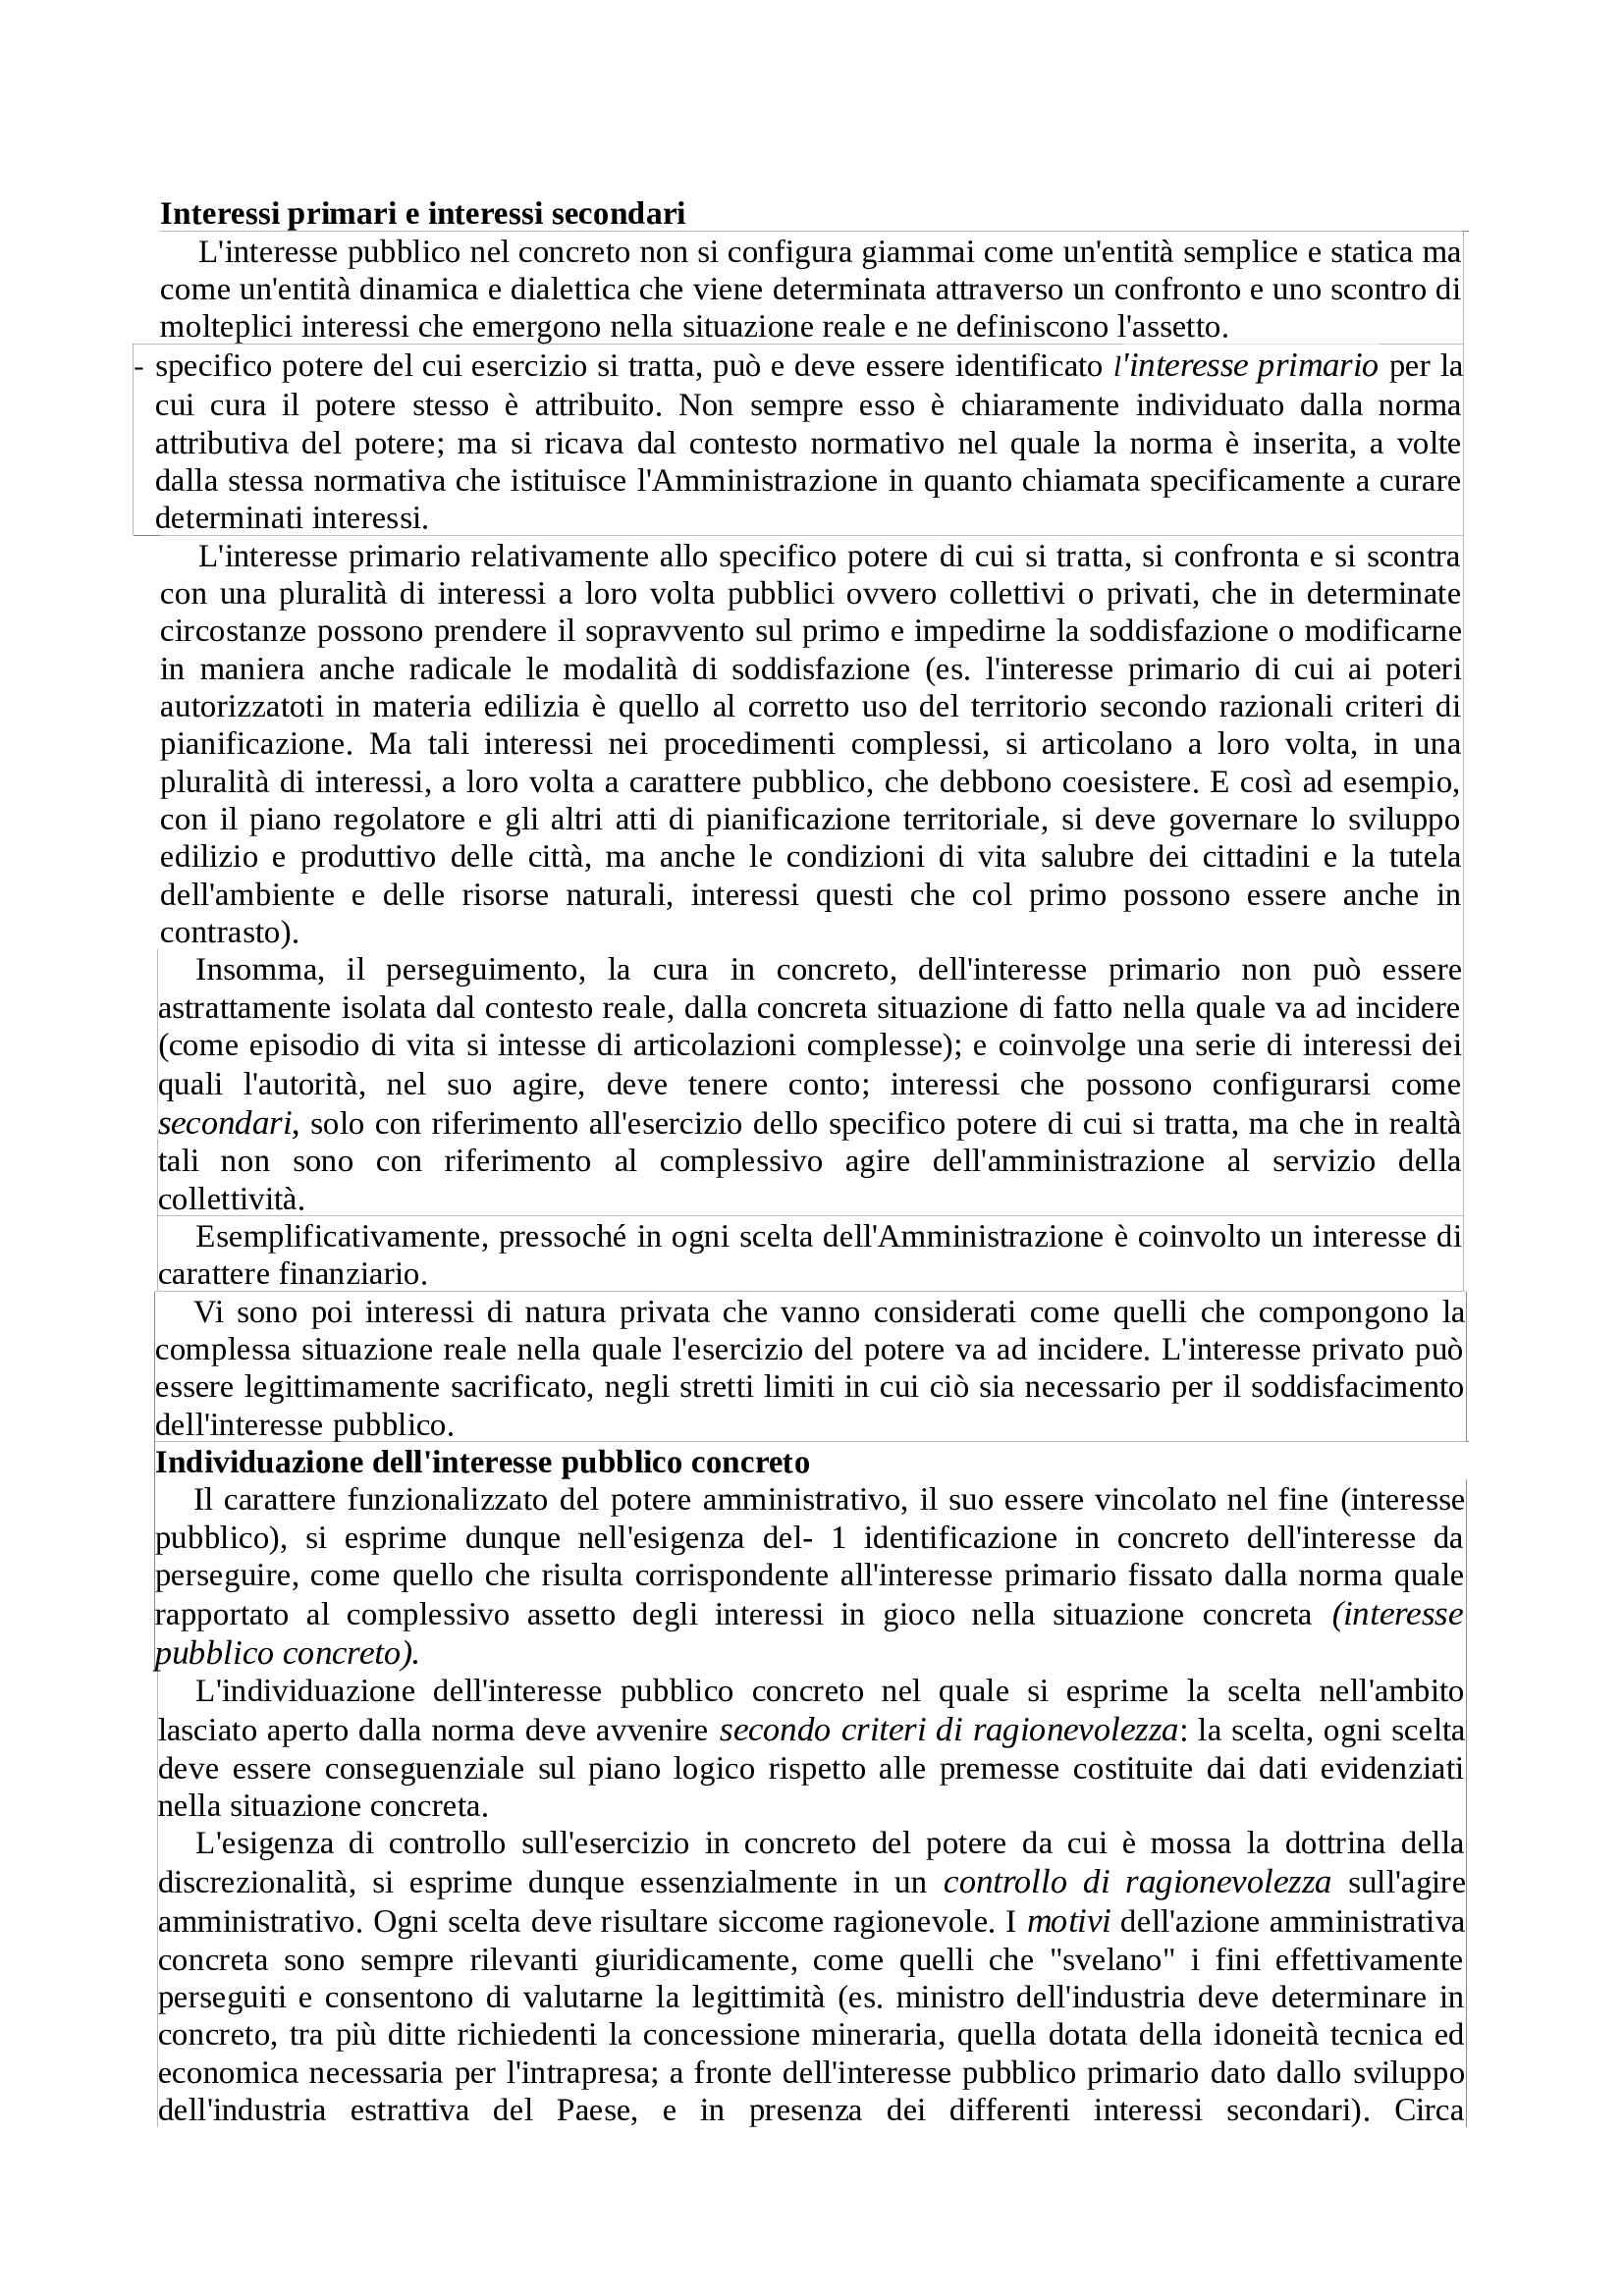 Diritto amministrativo - tipologie delle attività di amministrazione e principi generali Pag. 16